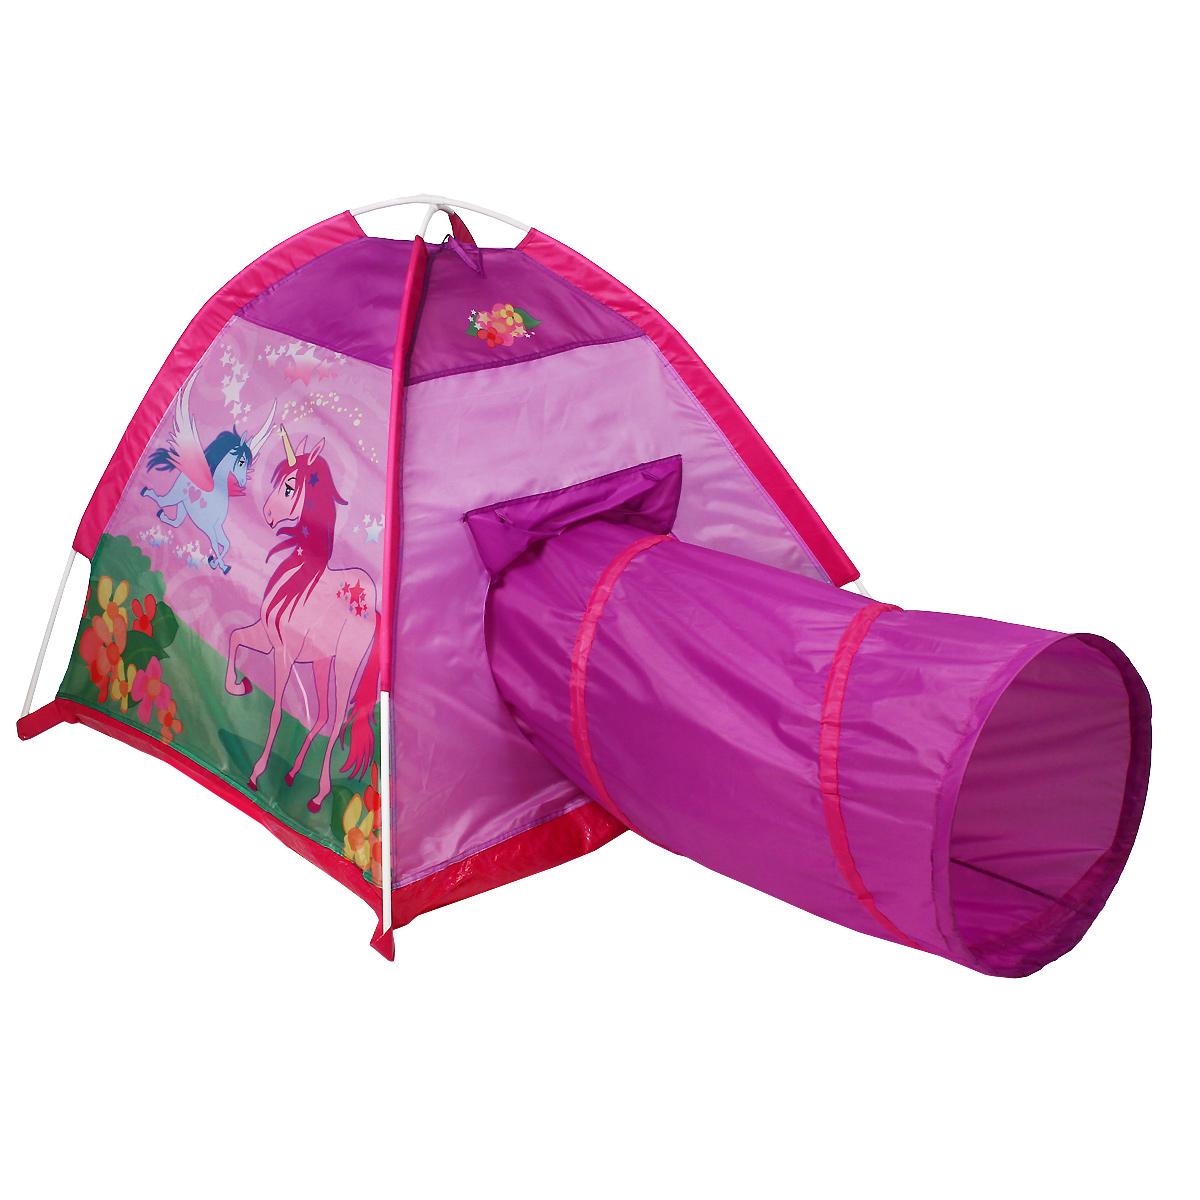 """Детская игровая палатка Five Stars """"Волшебный единорог"""" идеально подойдет для веселых игр как на улице, так и в помещении. Она выполнена в виде обычной палатки, соединенной с туннелем. Палатка снабжена одним входом и отверстием для туннеля. Каждый ребенок время от времени мечтает жить в своем собственном маленьком городке, представляя окружающий мир без взрослых. Вашему ребенку с друзьями будет очень весело прятаться от взрослых в этом городке, а также ползать с друзьями через туннель. Палатка выполнена из легкого нейлона в фиолетовых и розовых тонах и оформлена изображениями единорогов. Каркас палатки поддерживается при помощи пластиковых прутьев. Палатку удобно хранить, при складывании она занимает совсем немного места. Ваш ребенок с удовольствием будет играть в такой палатке, придумывая различные истории. Рекомендуемый возраст: от 2 лет."""